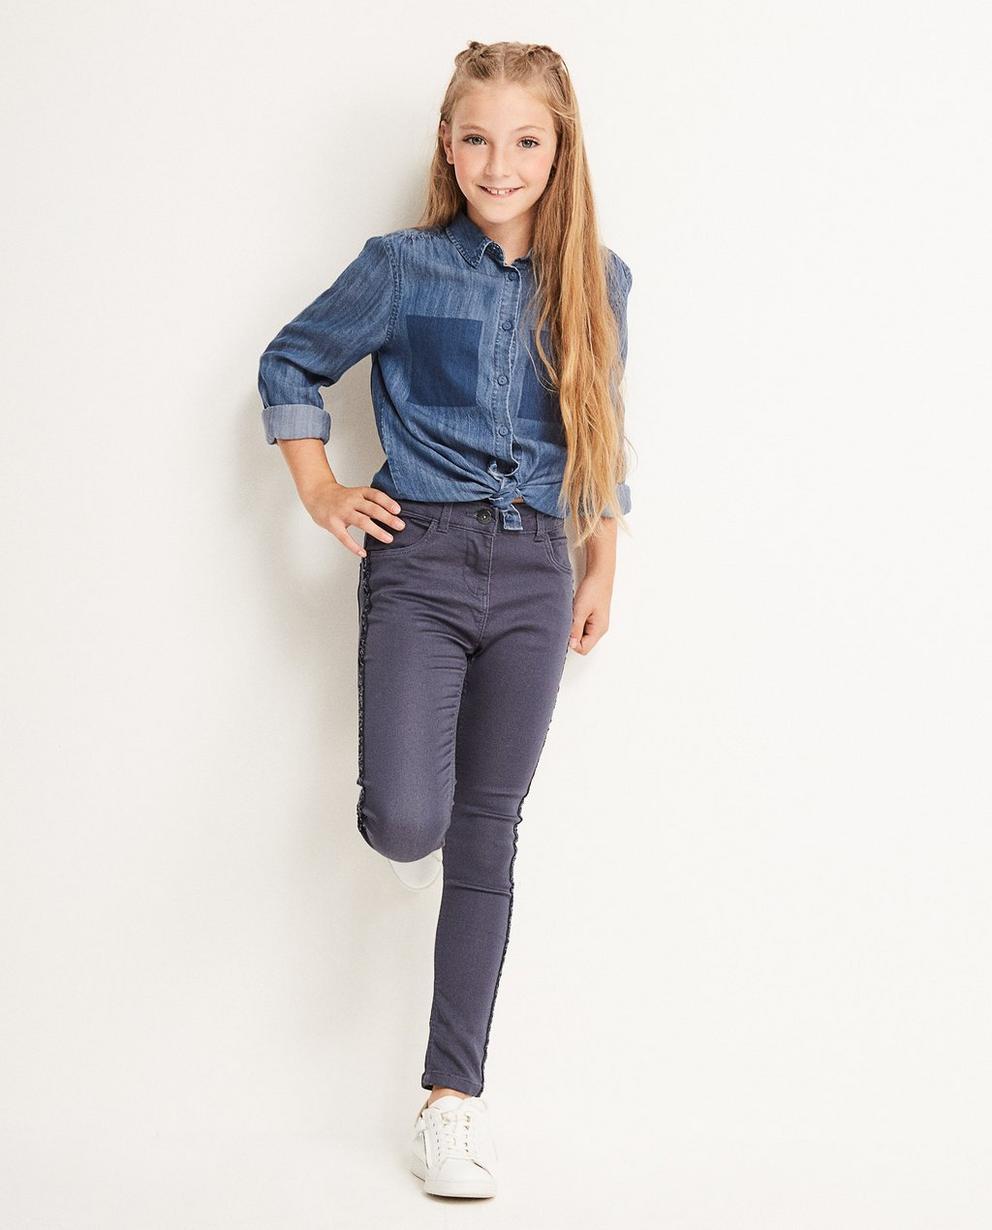 Jeans mit Paillettenstreifen - in Altrosa - JBC